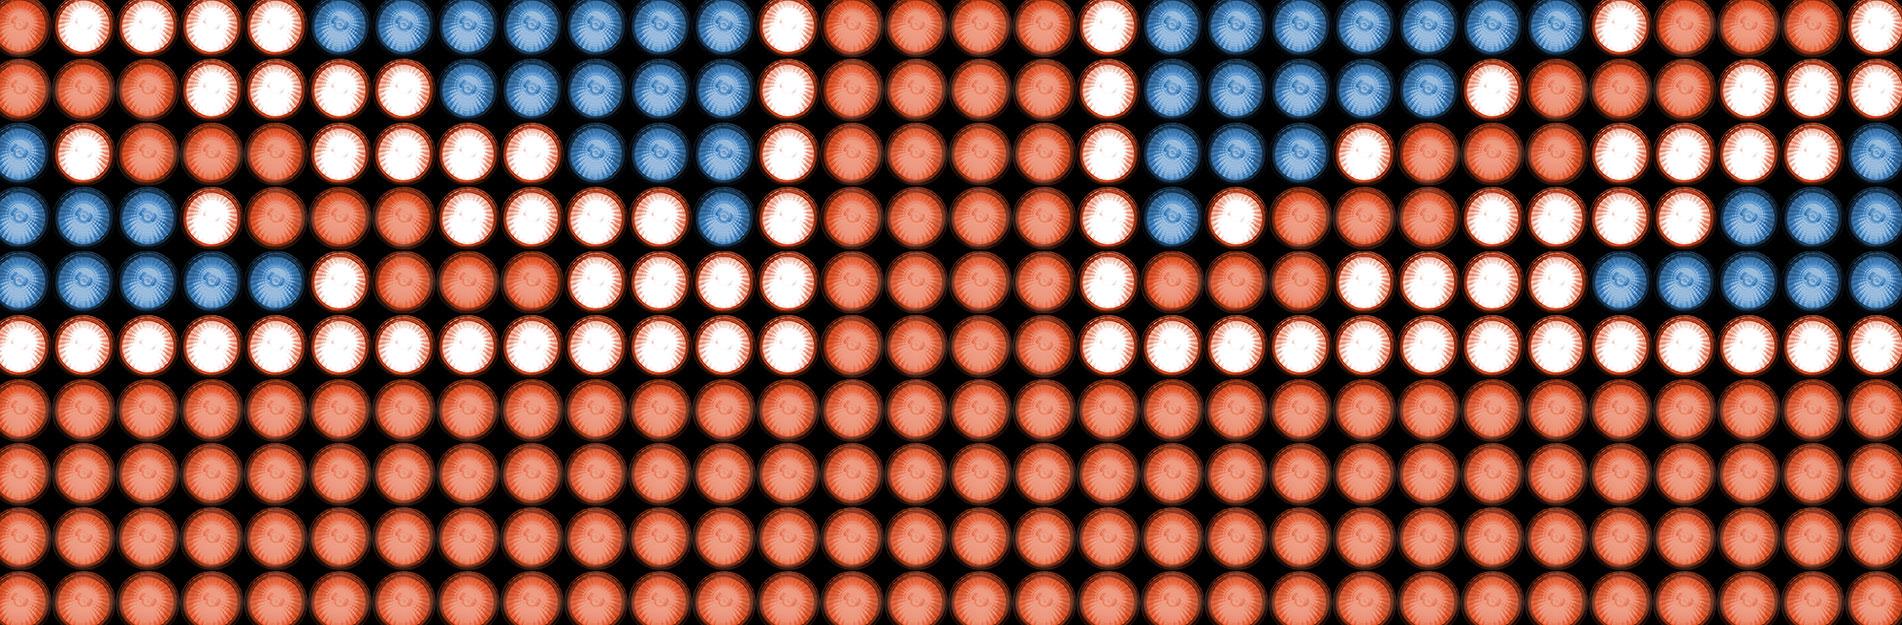 LED-Flag-ThinkstockPhotos-484931080